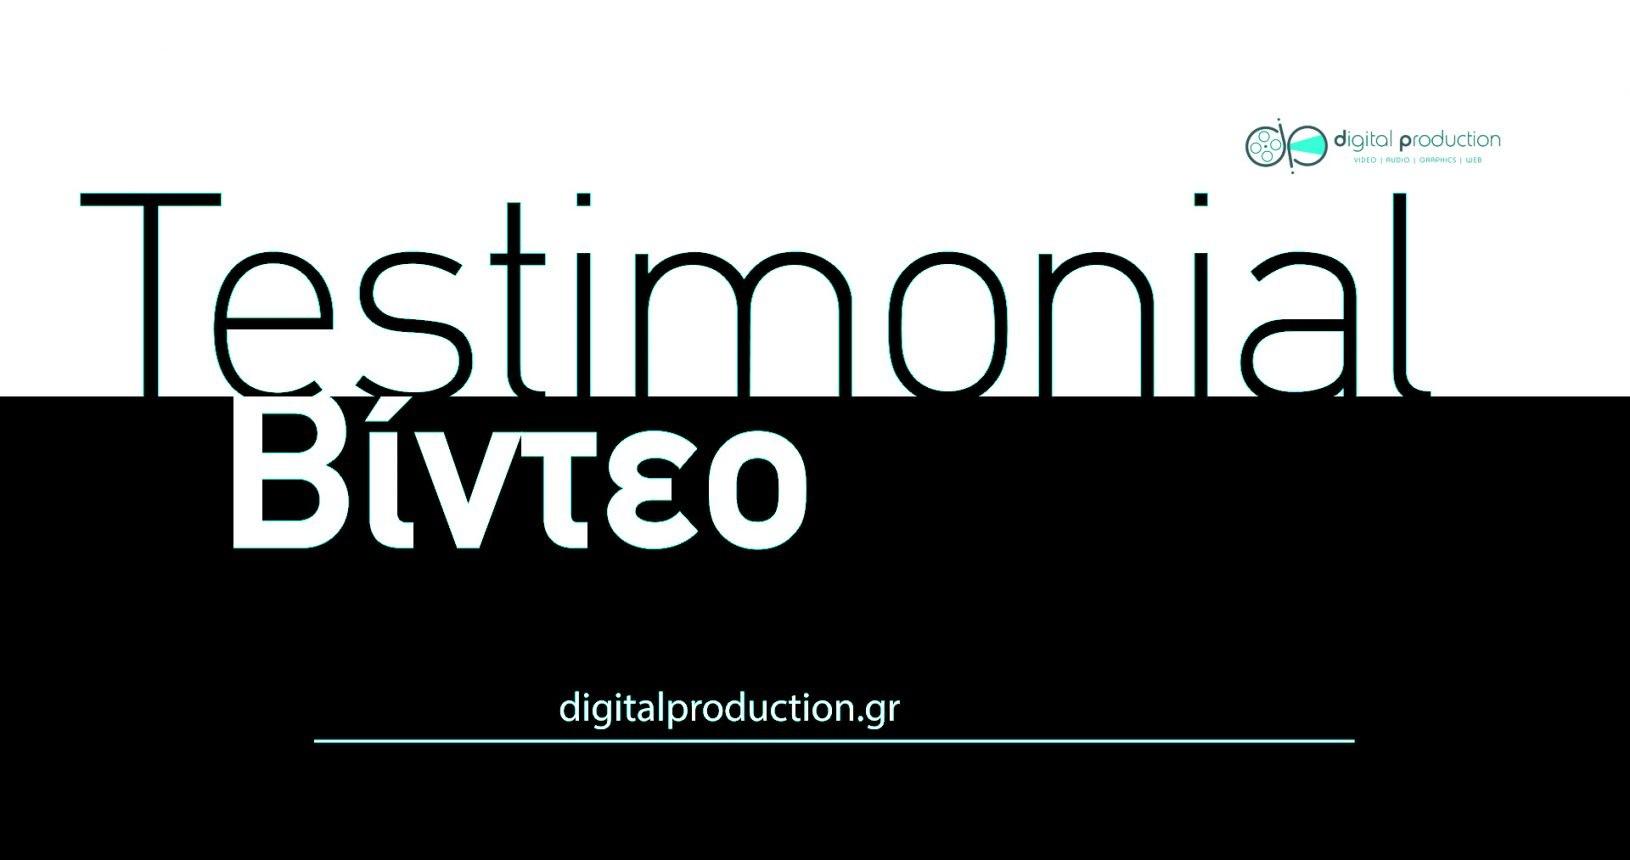 Δημιουργία testimonial βίντεο, δηλώσεις πελατών - συνεργατών | Digital Production